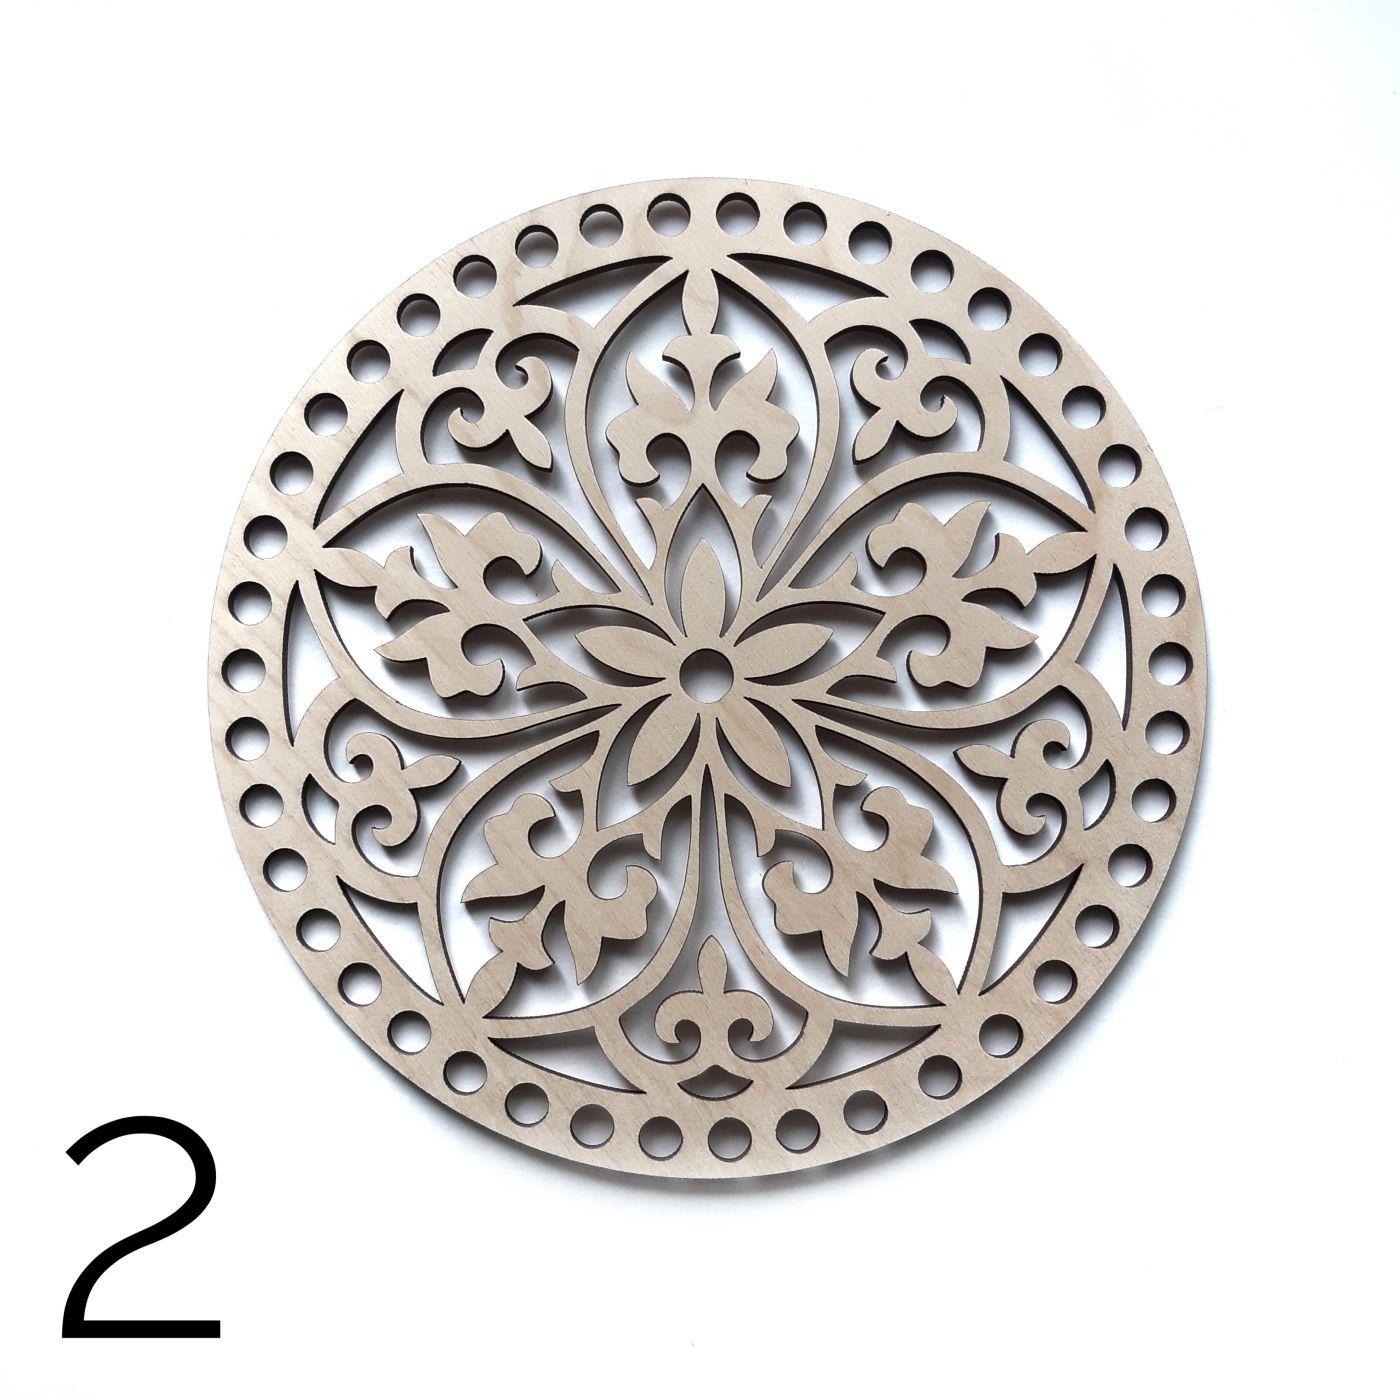 Круг резной фанера 4 мм 19 см 2